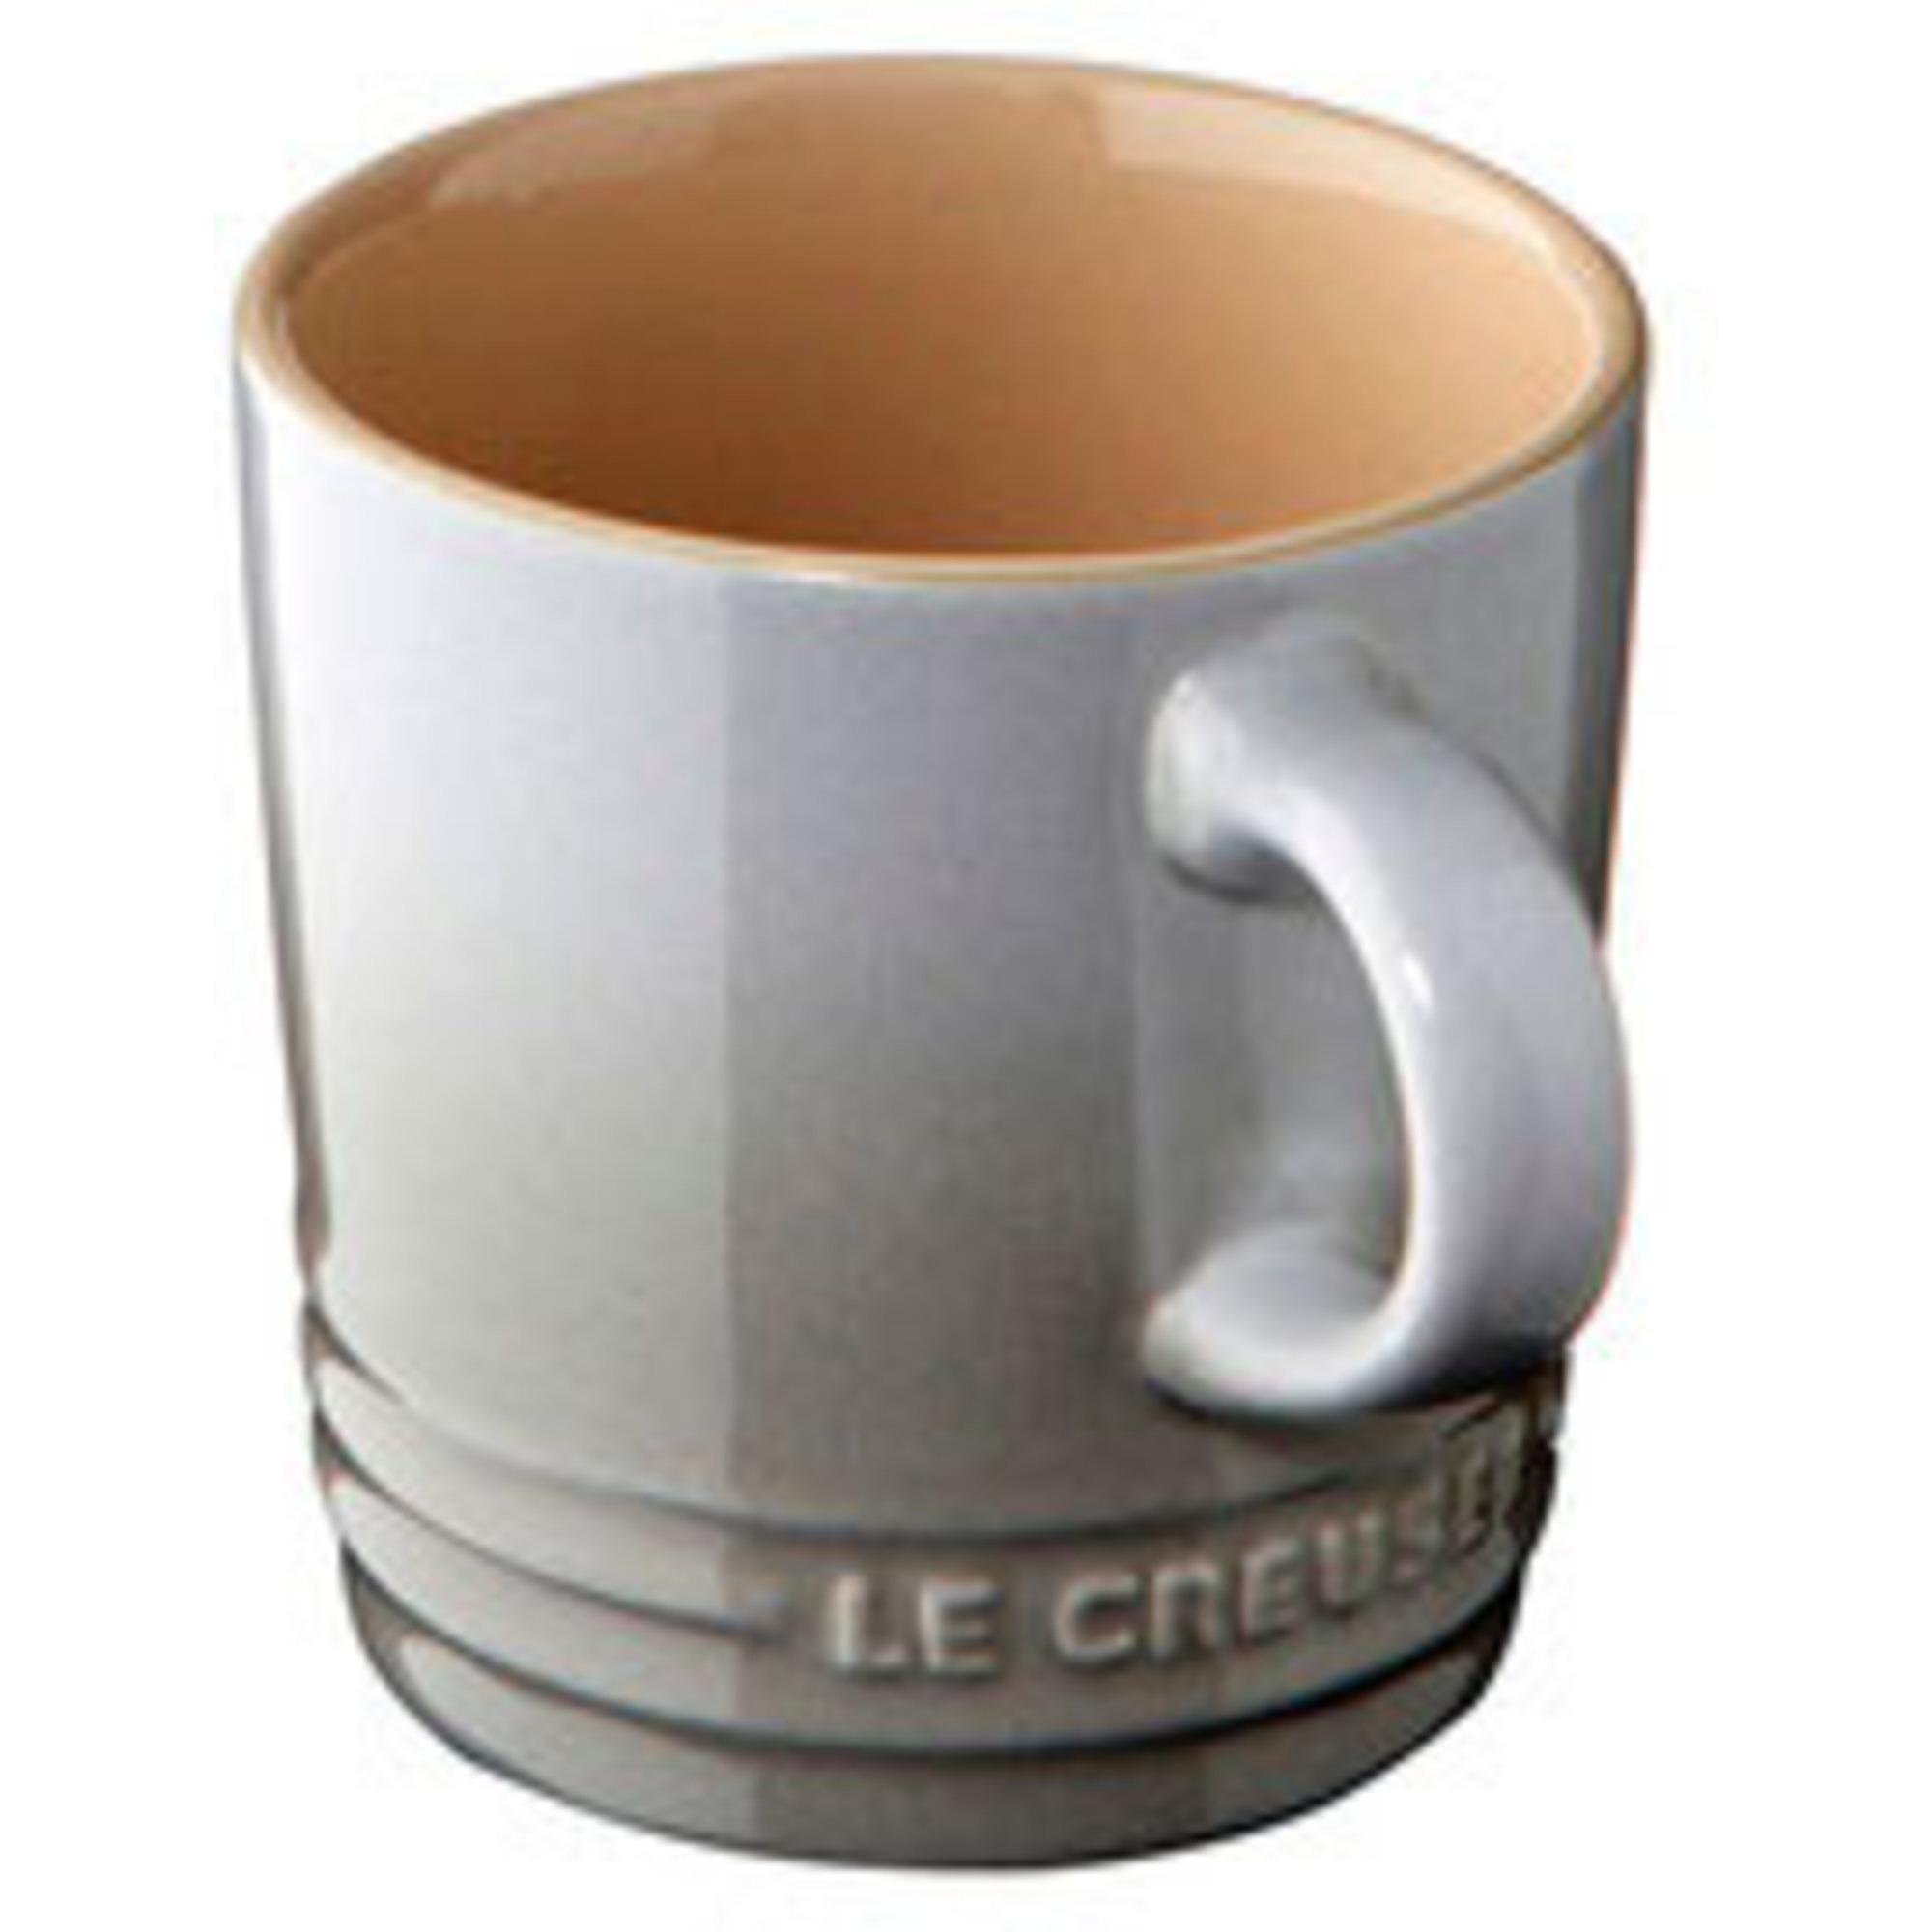 Le Creuset Kaffemugg 02 L Mist Gray